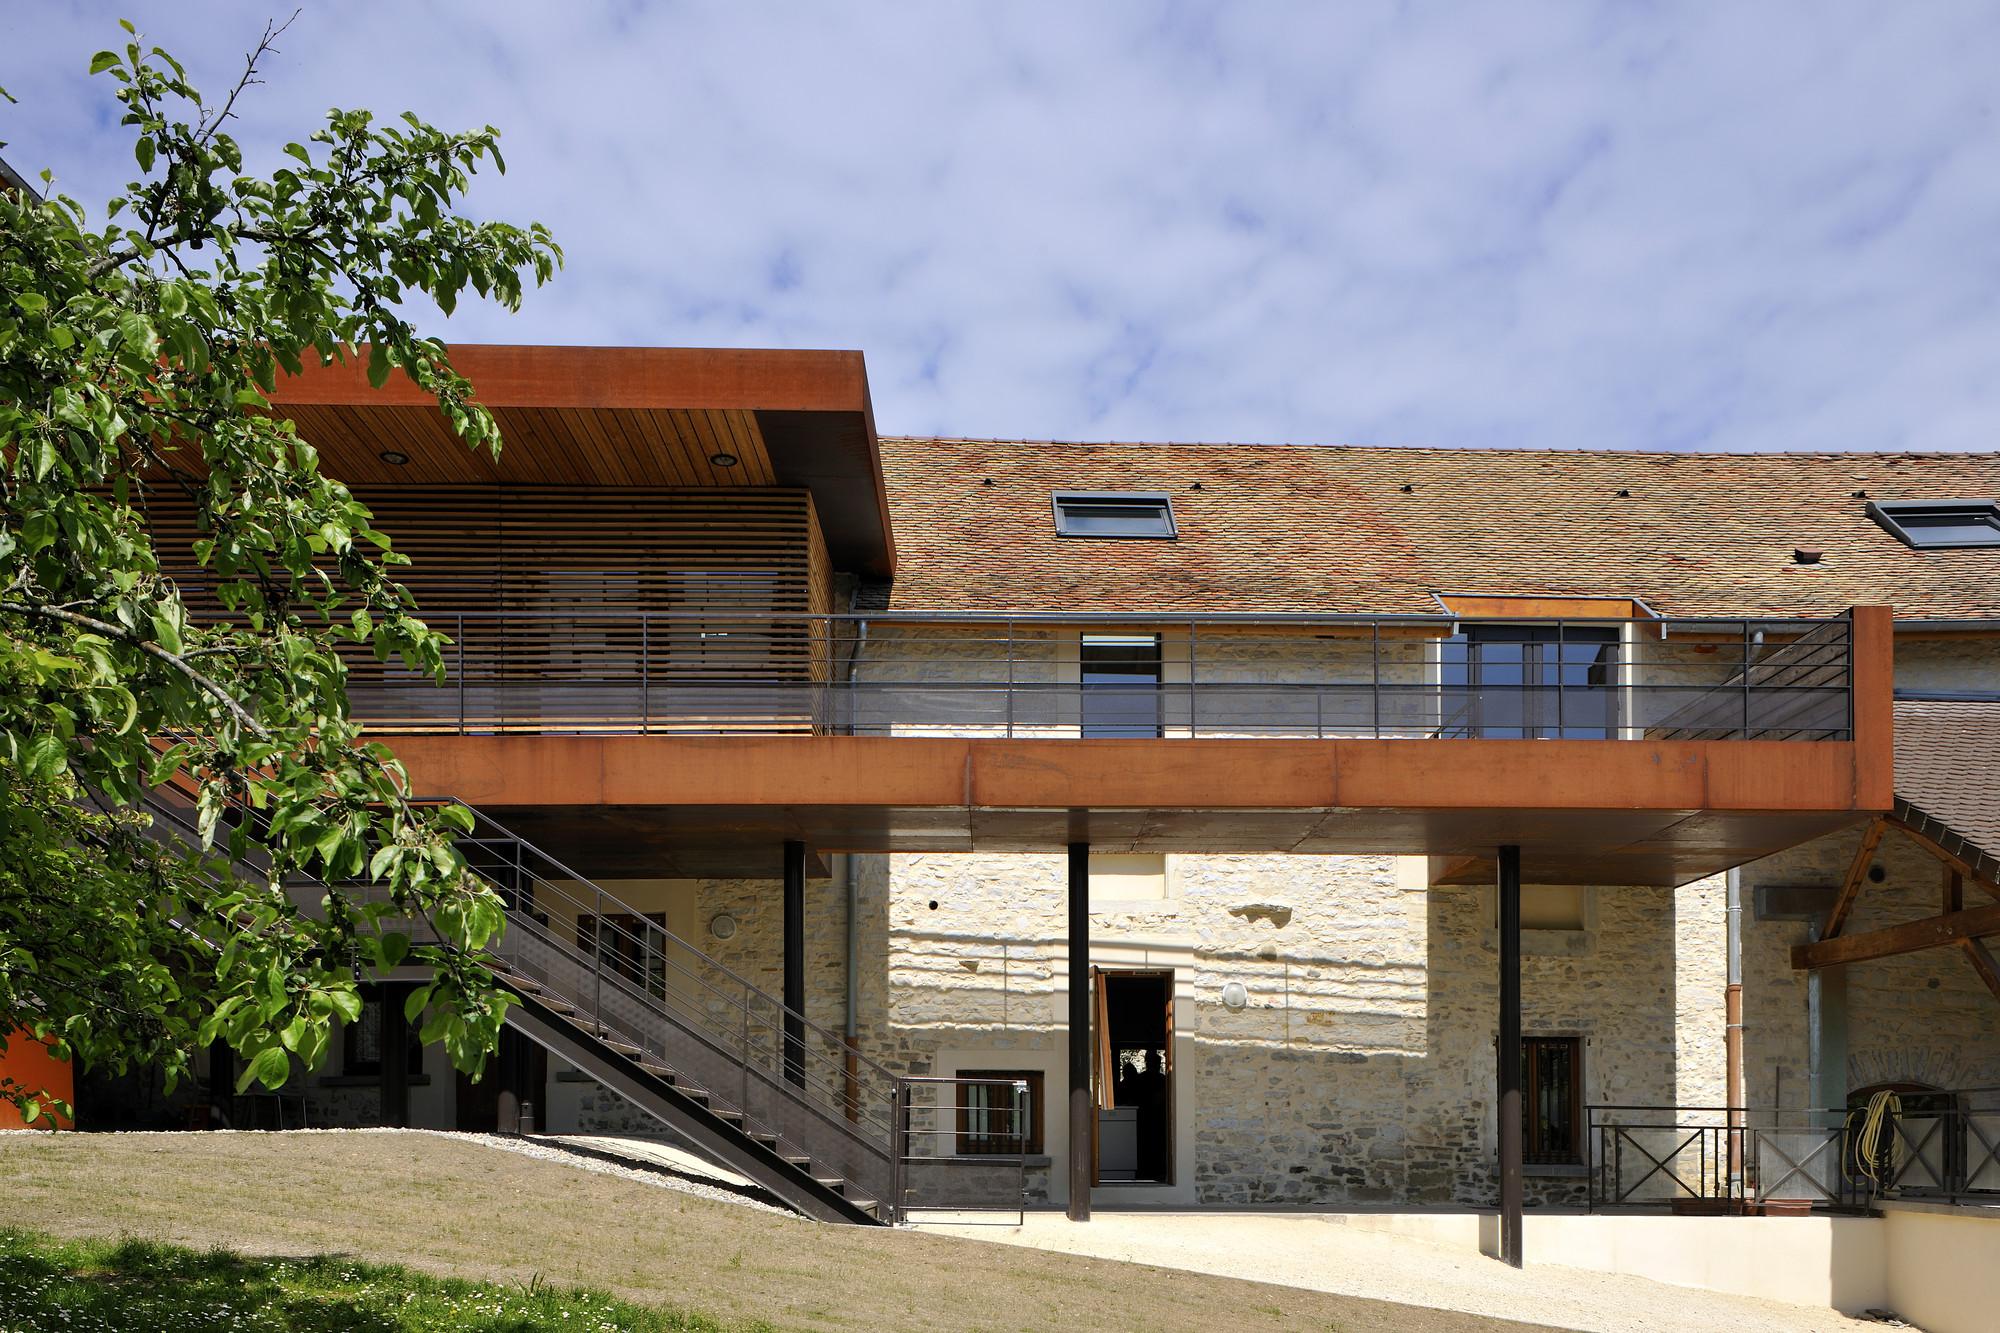 Creys Mépleu City Hall / Composite Architectes, © Studio Erick Saillet